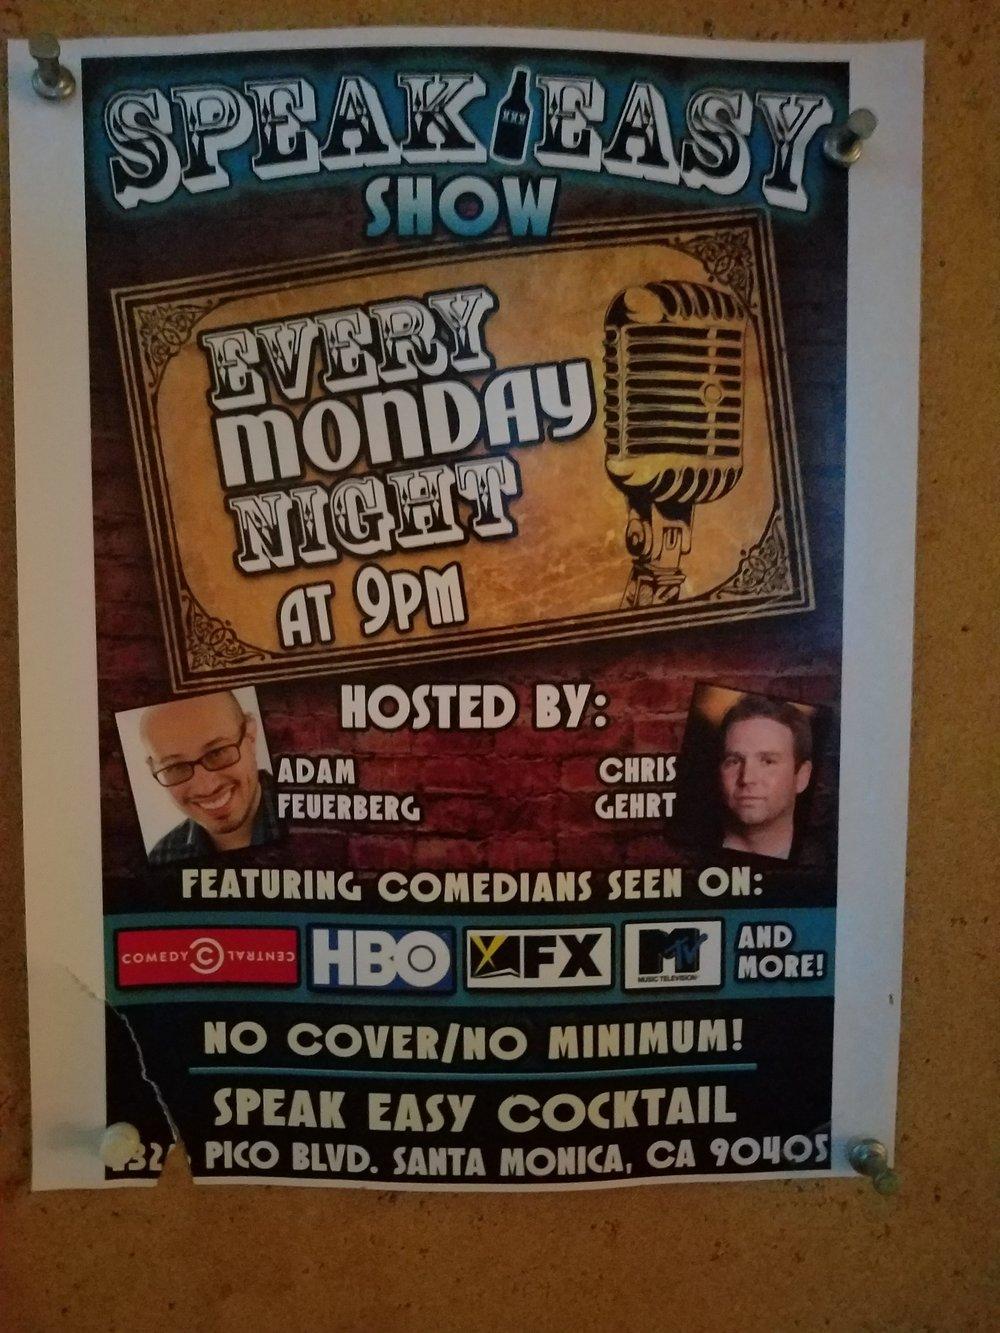 Comedy Night 9 pm - 11 pm